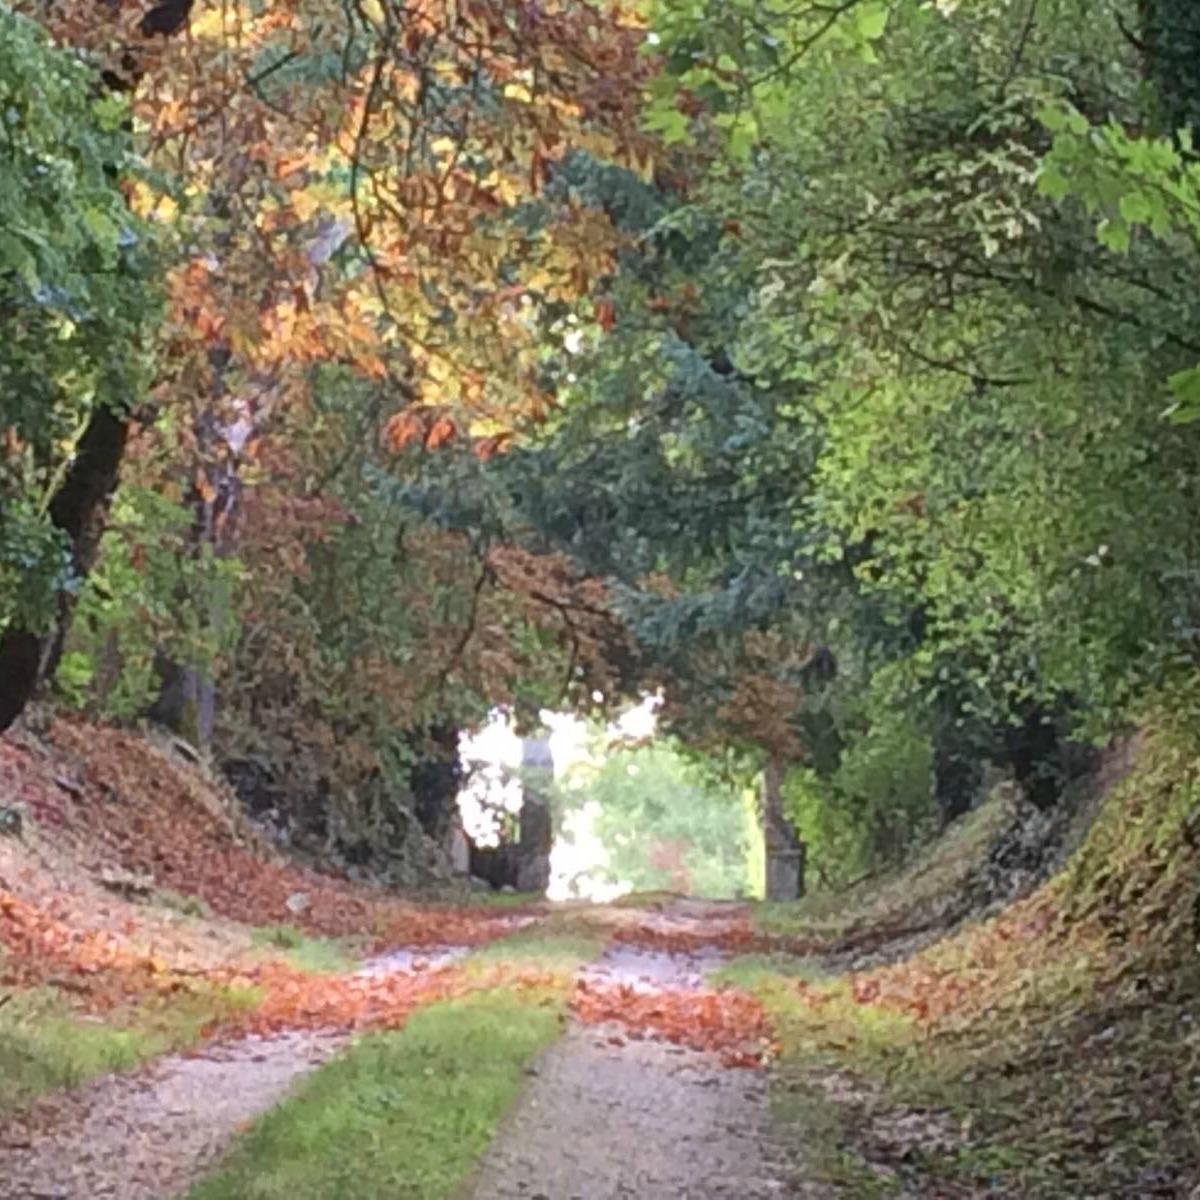 Lane cropped